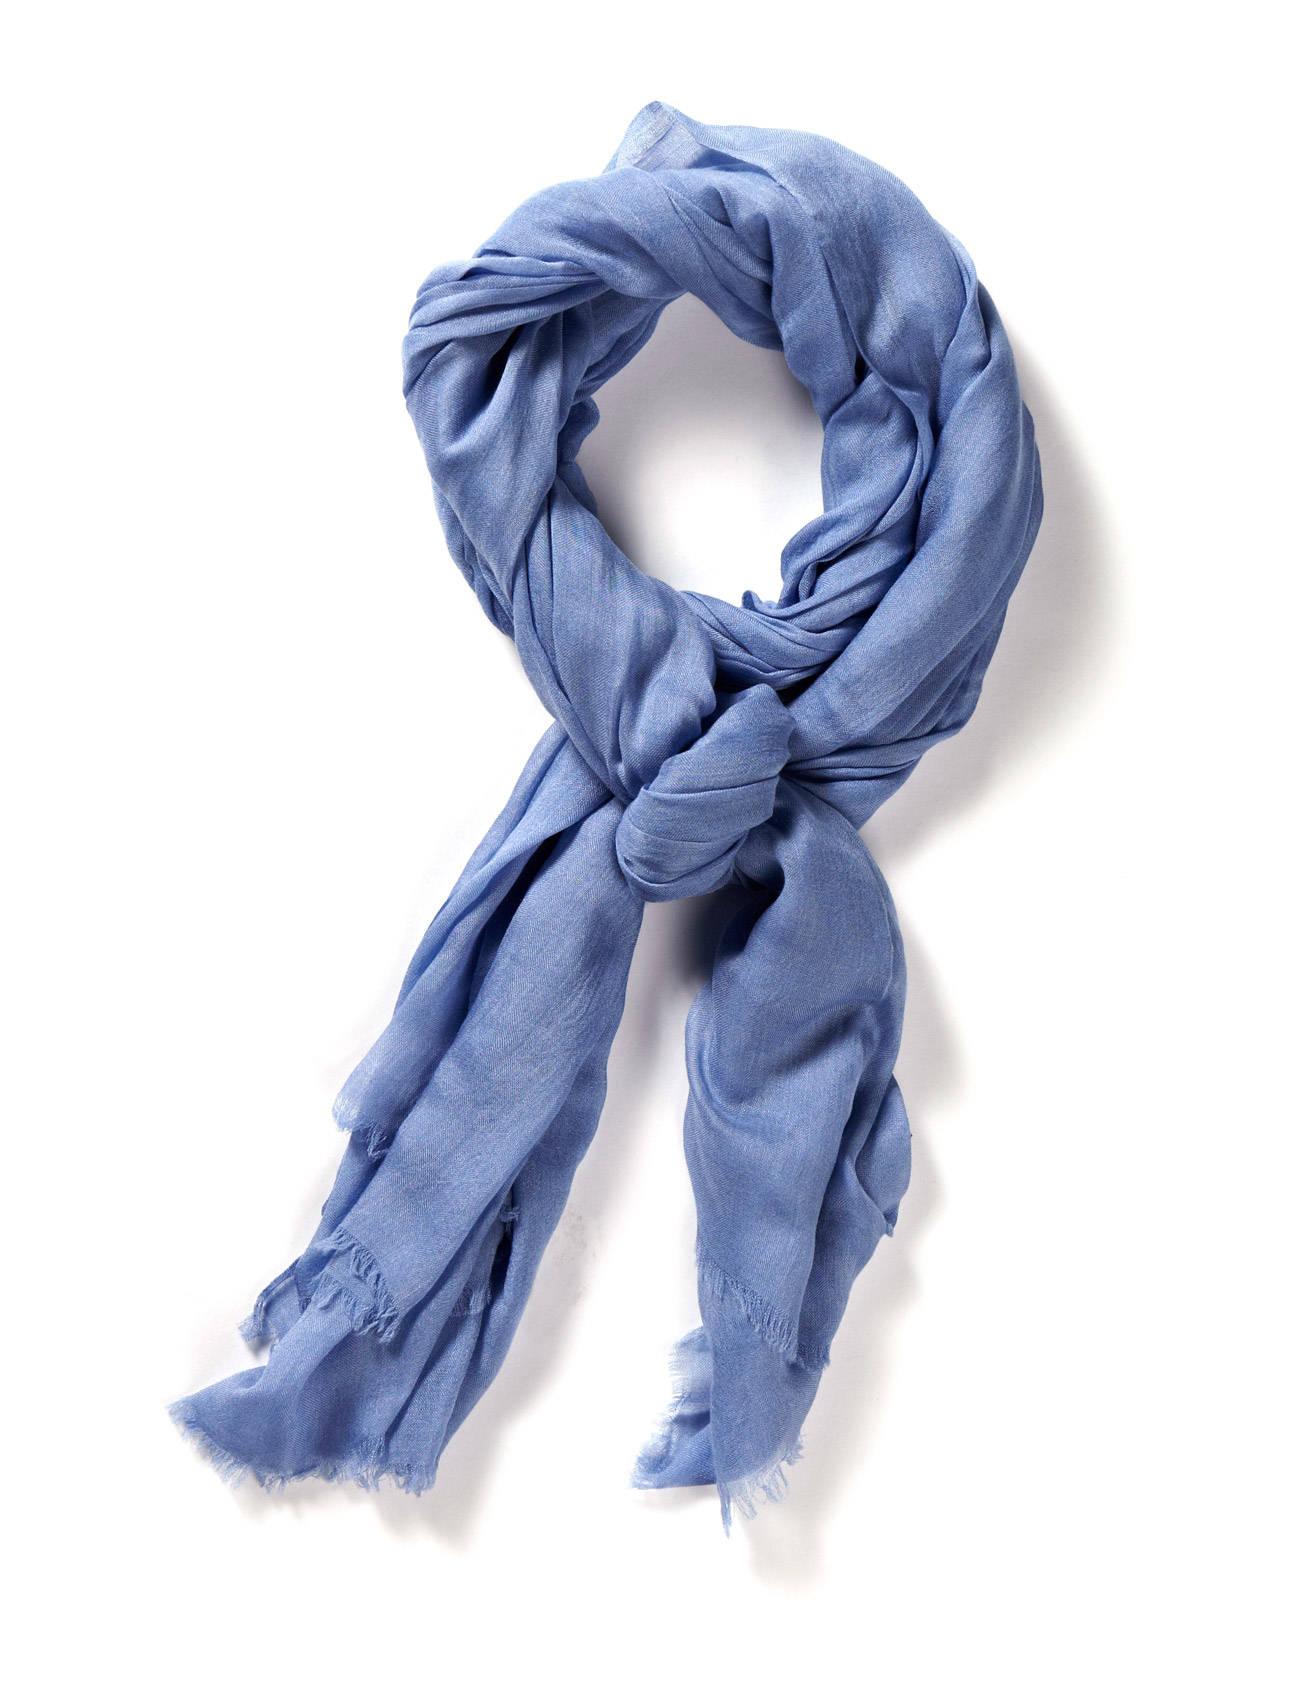 Ties & Bowties|Silk Scarves|Women's Tanja Scarf